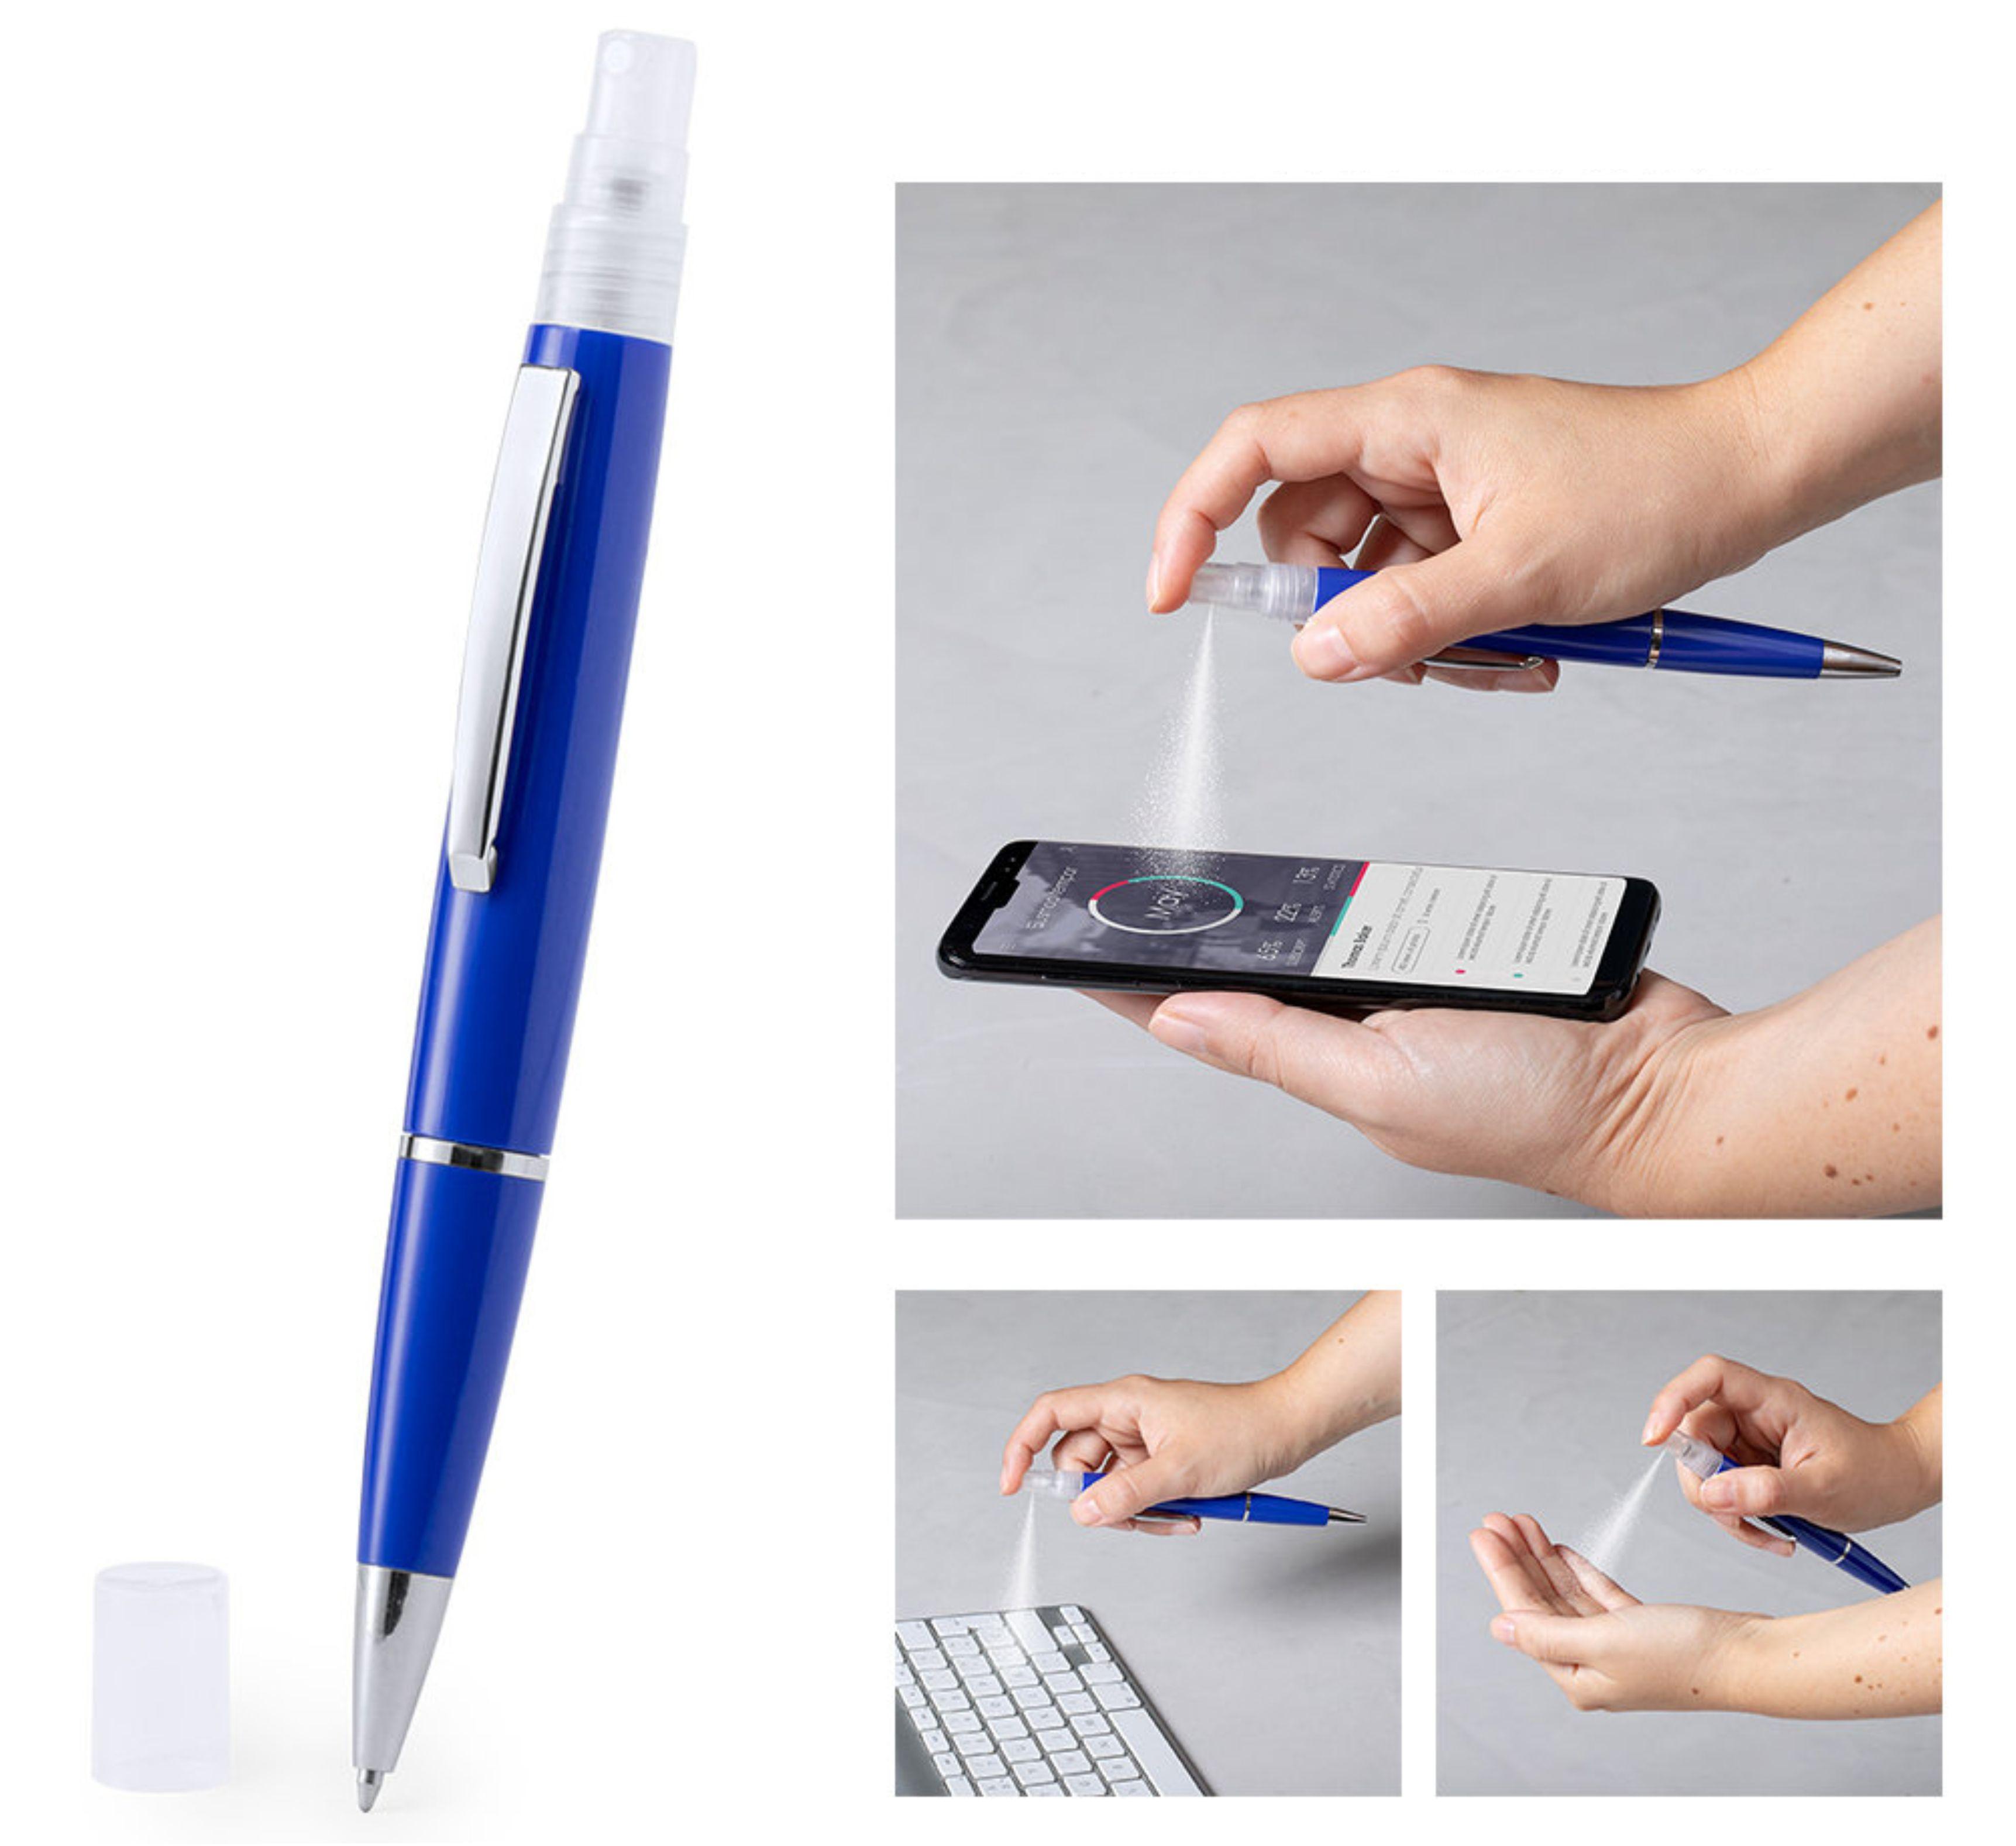 ручка со спреем